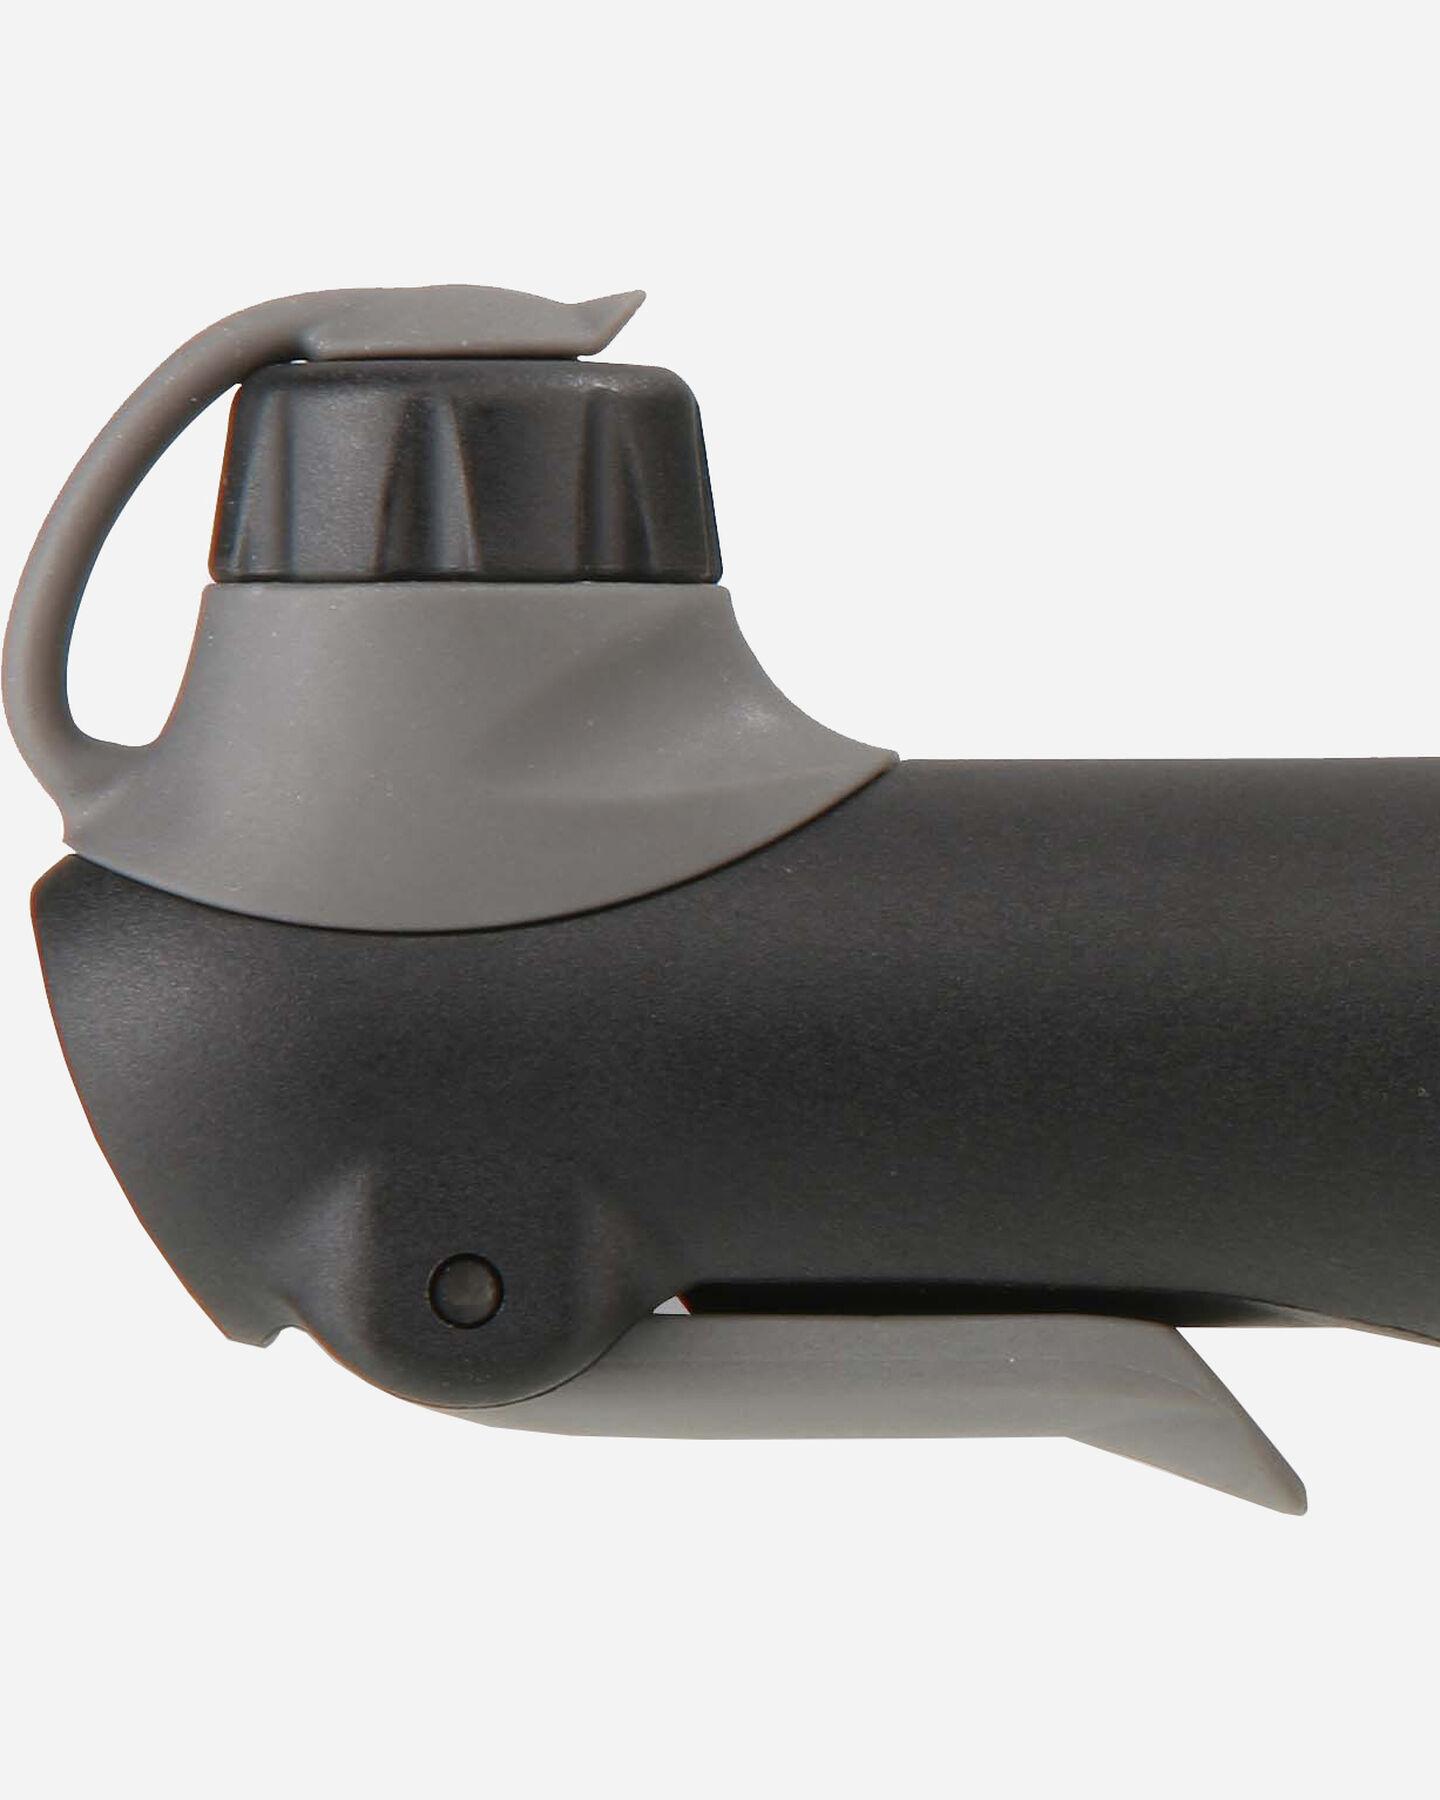 Pompa bici BONIN GIYO REVERSIBILE IN PLASTICA S4050097|1|UNI scatto 1